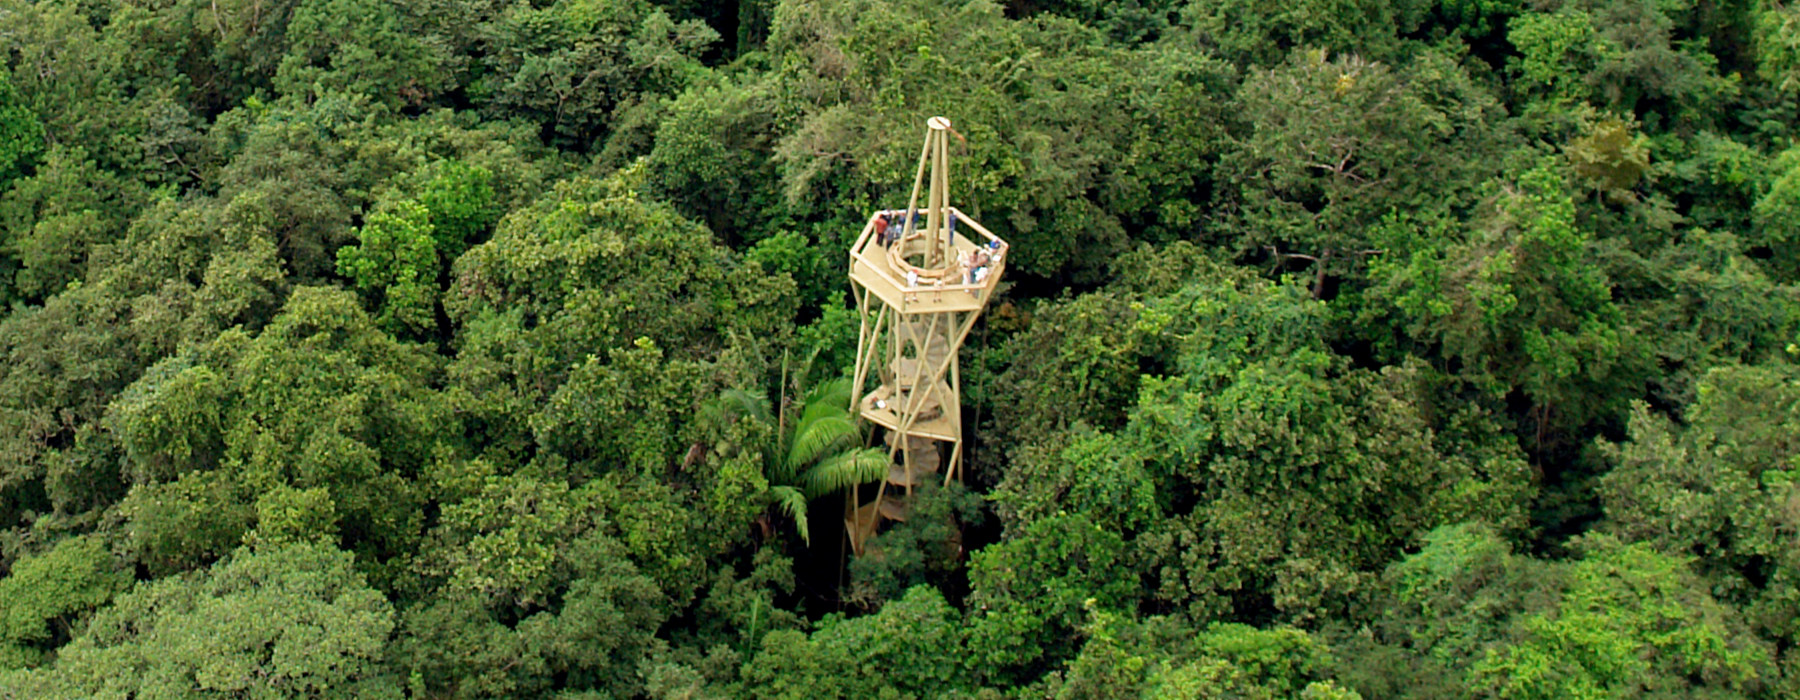 Parque Nacional Soberanía © Visit Centroamérica